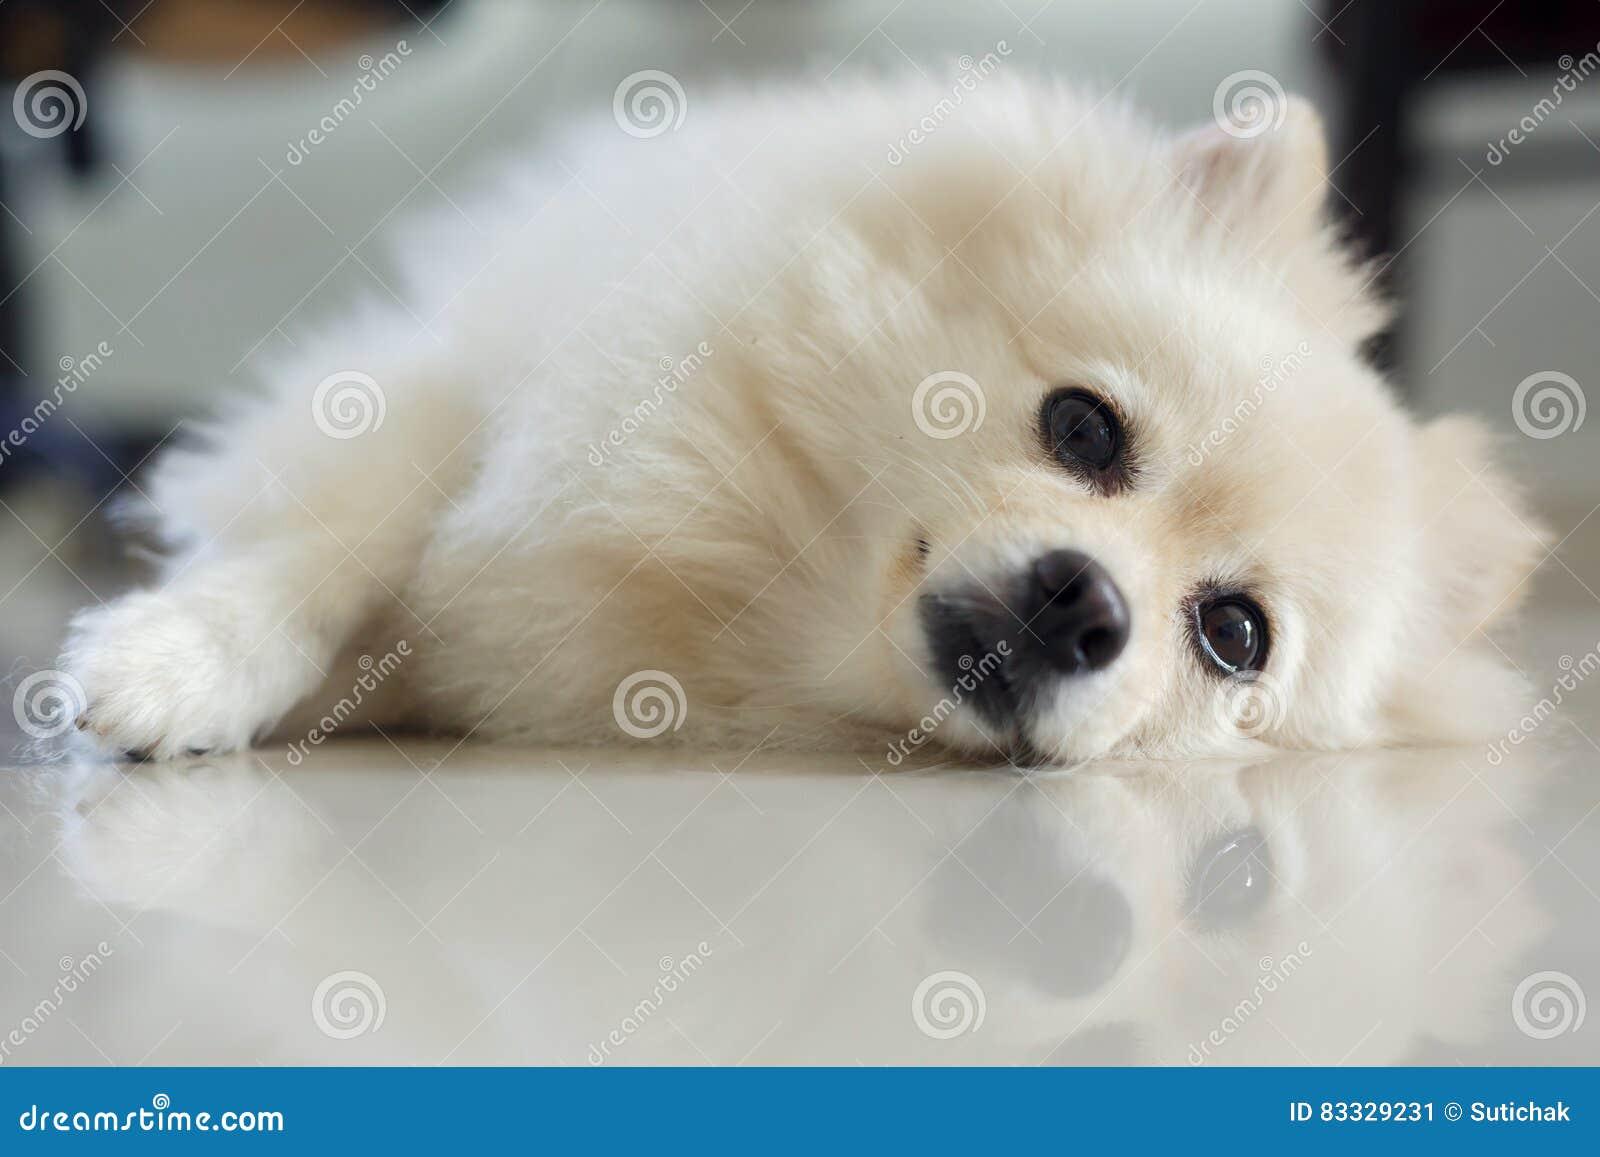 White Pomeranian Cute Dog Stock Image Image Of Resting 83329231